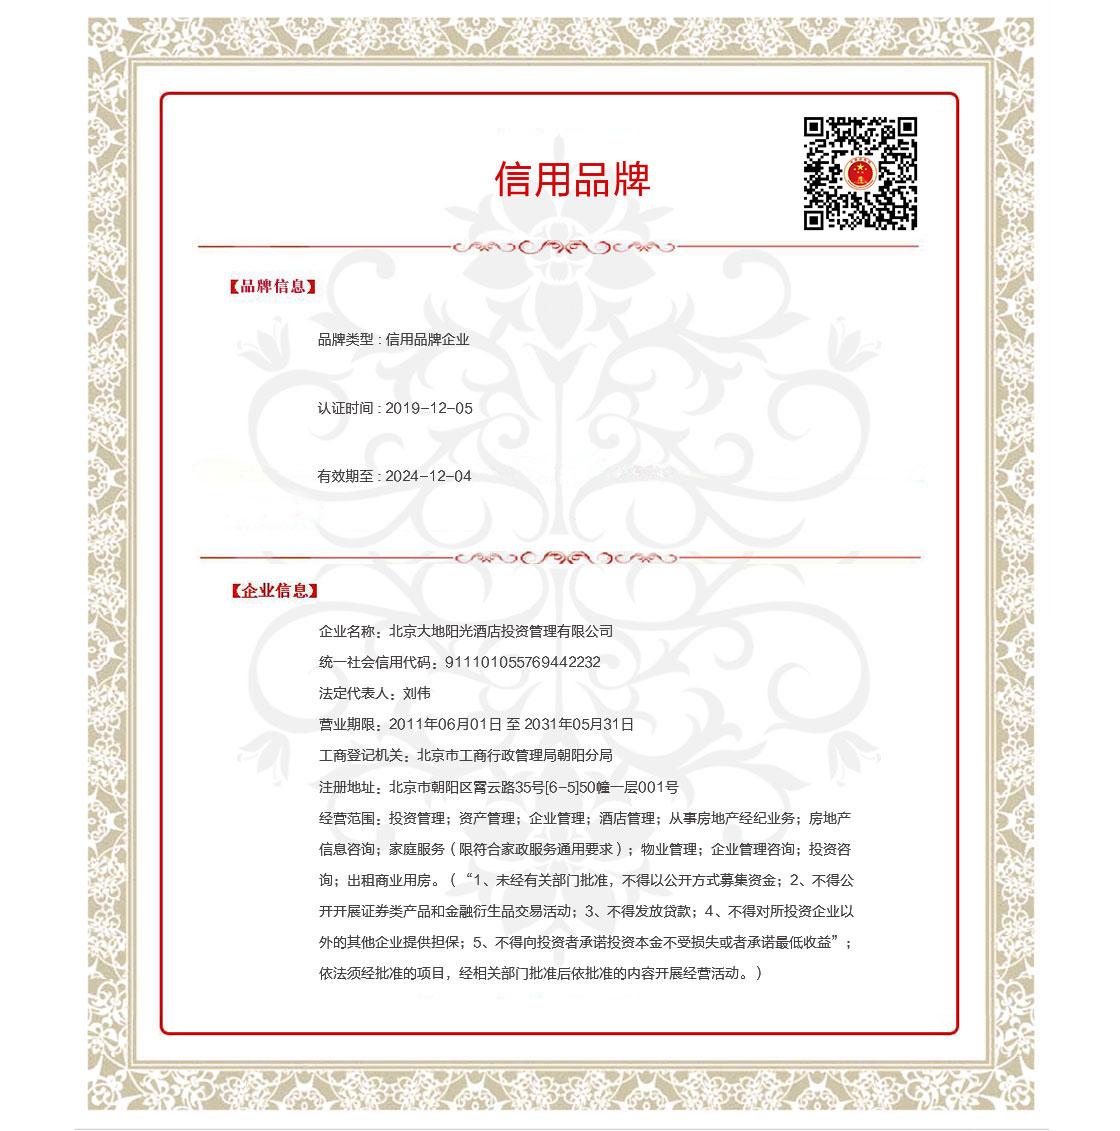 北京大地陽光酒店投資管理有限公司.jpg